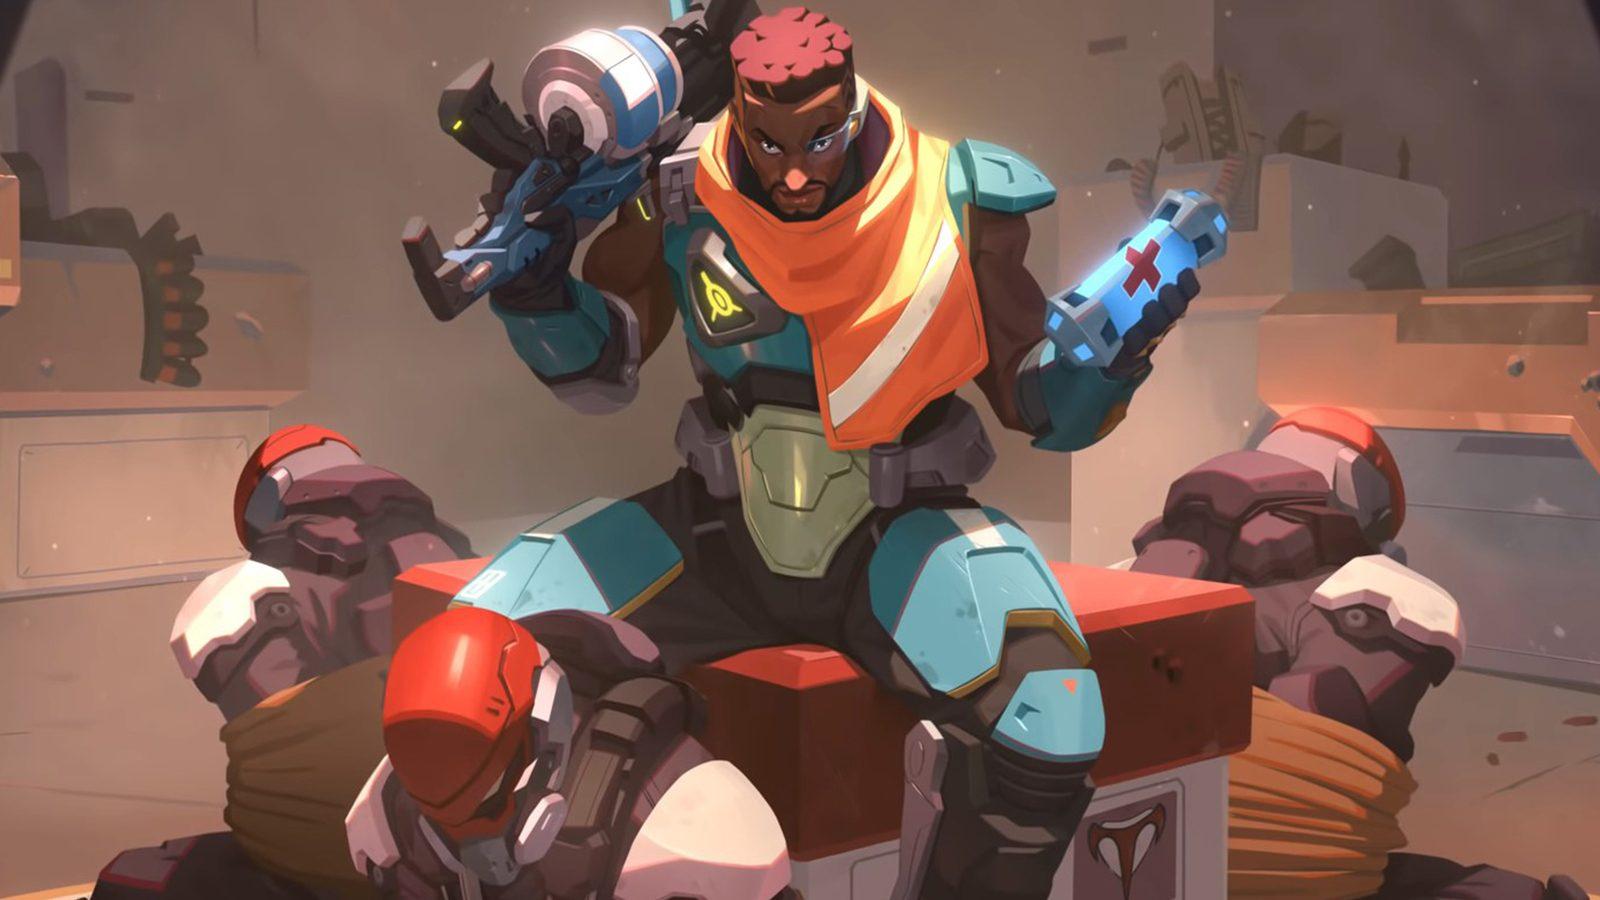 Baptiste je novi Overwatch lik